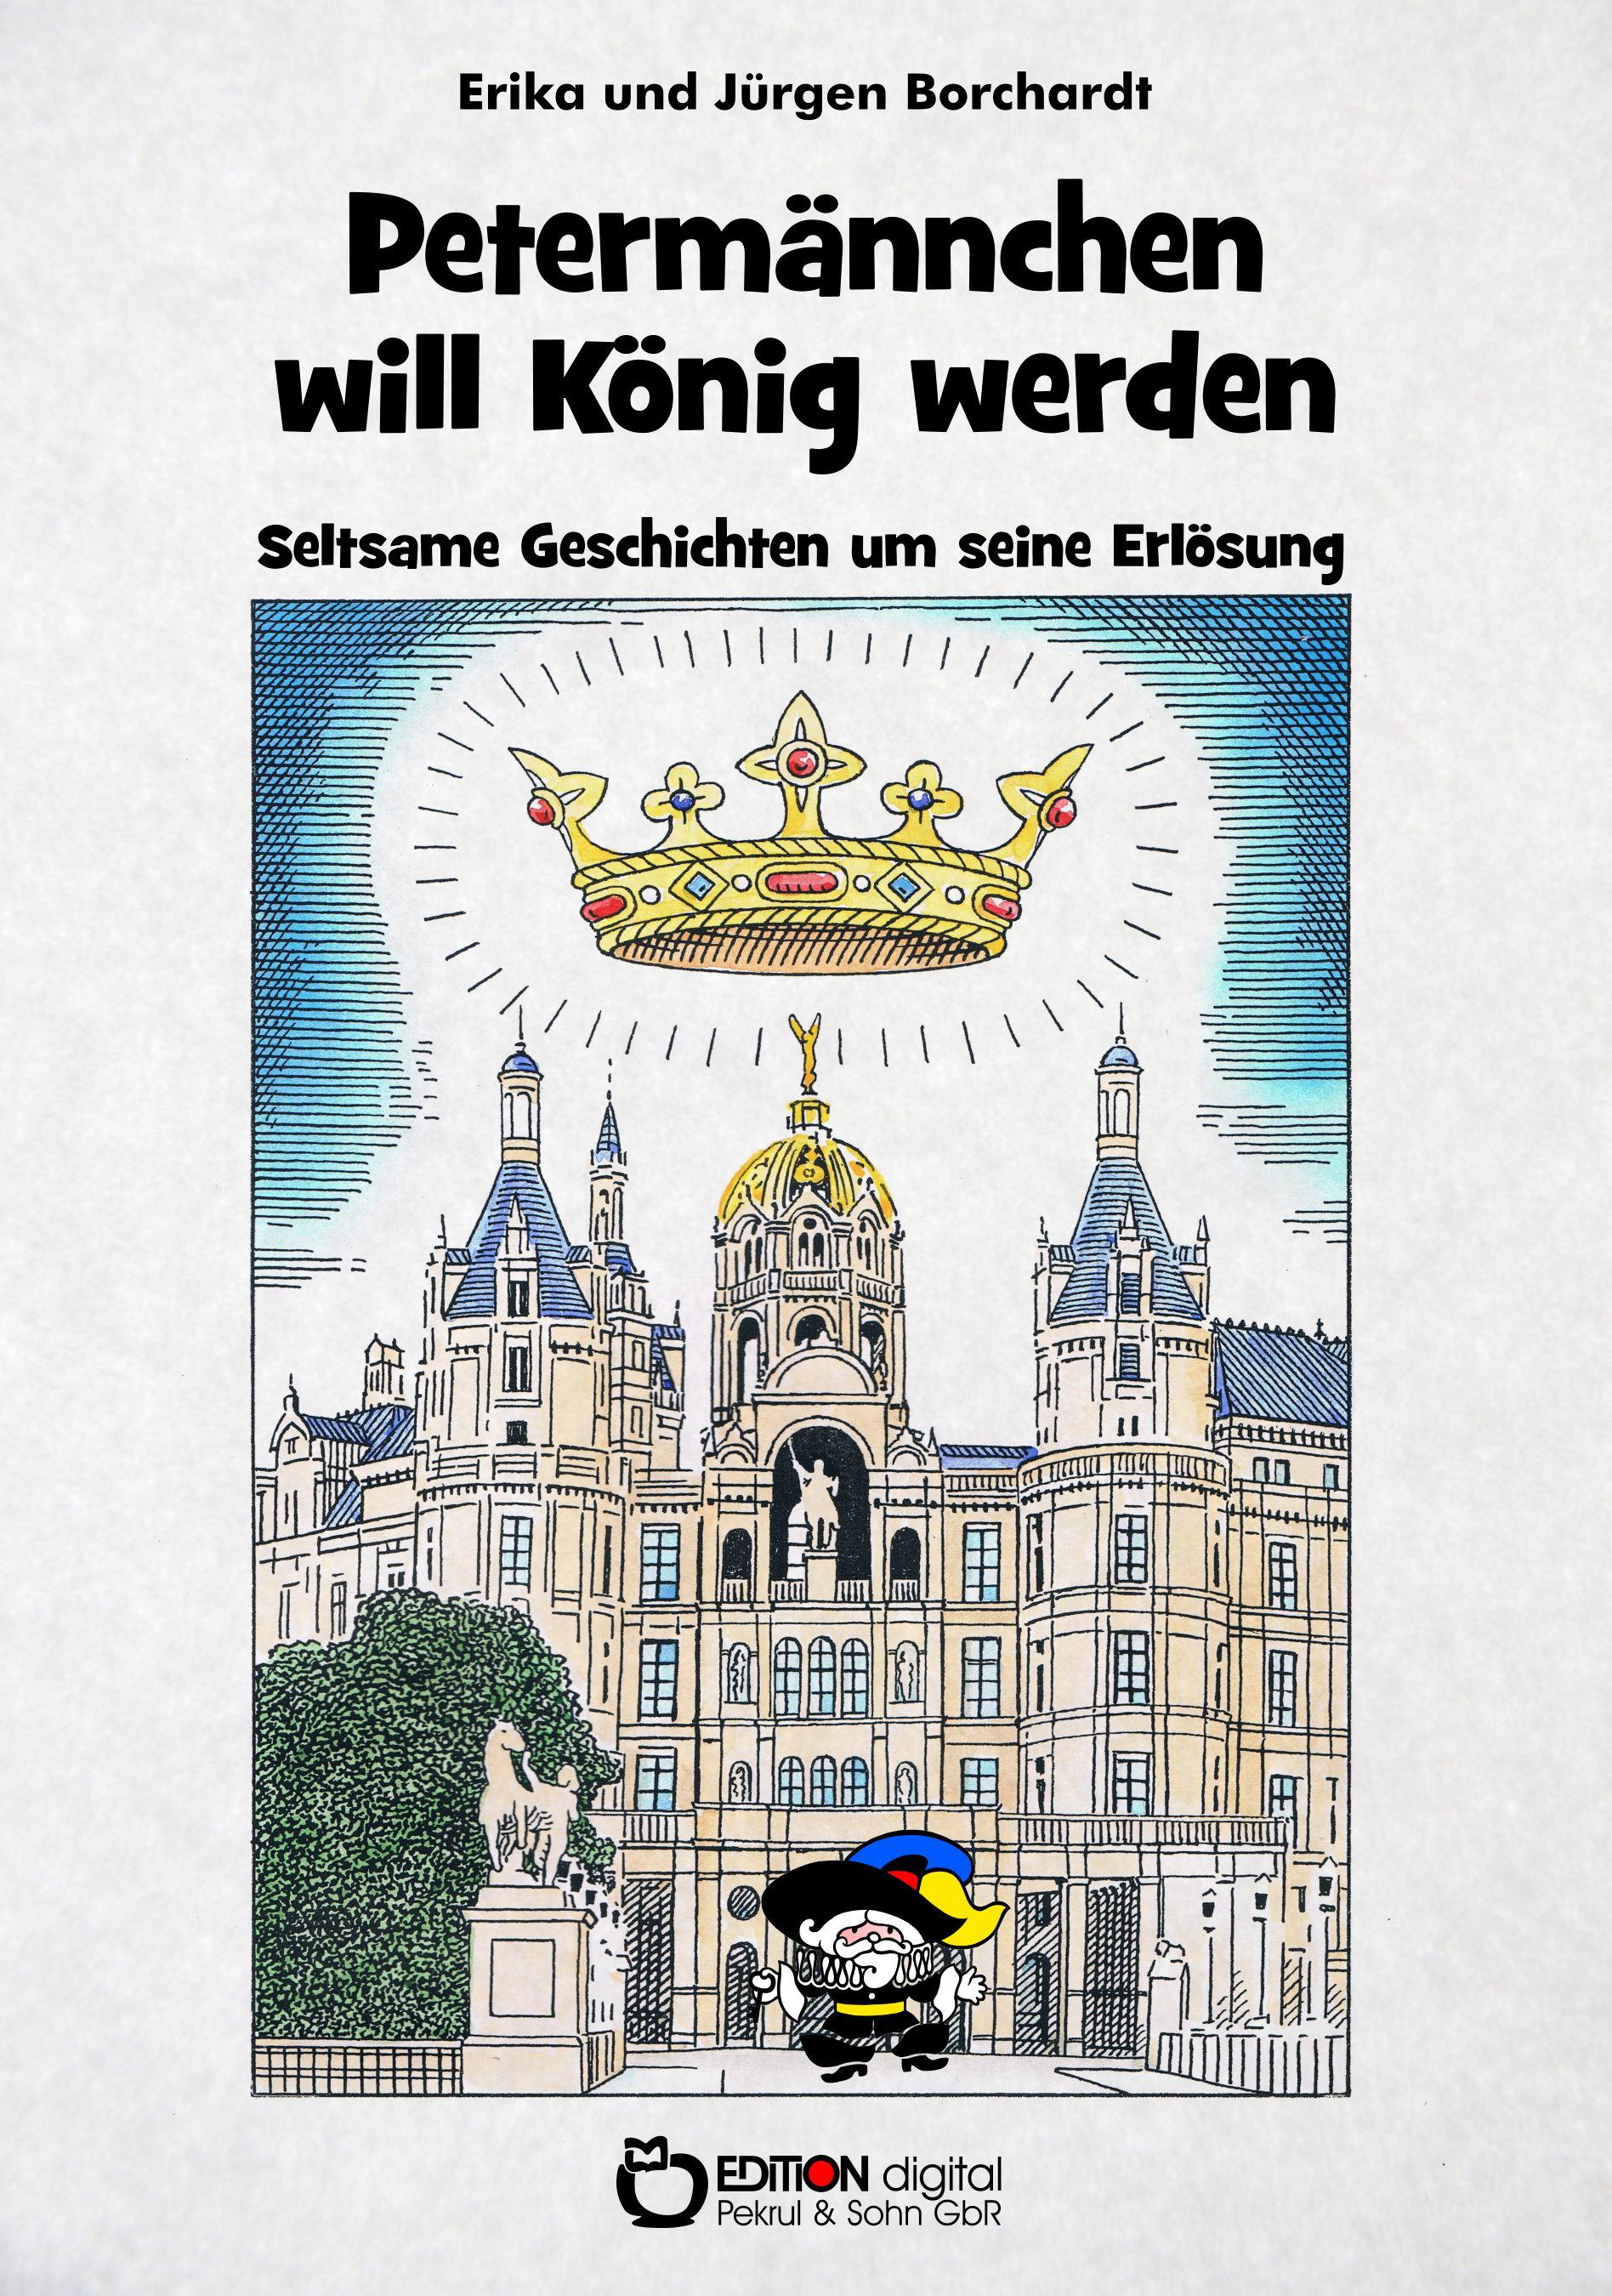 Petermännchen will König werden. Seltsame Geschichten um seine Erlösung von Erika Borchardt, Jürgen Borchardt (Autor), Jürgen Willbarth (Illustrator)